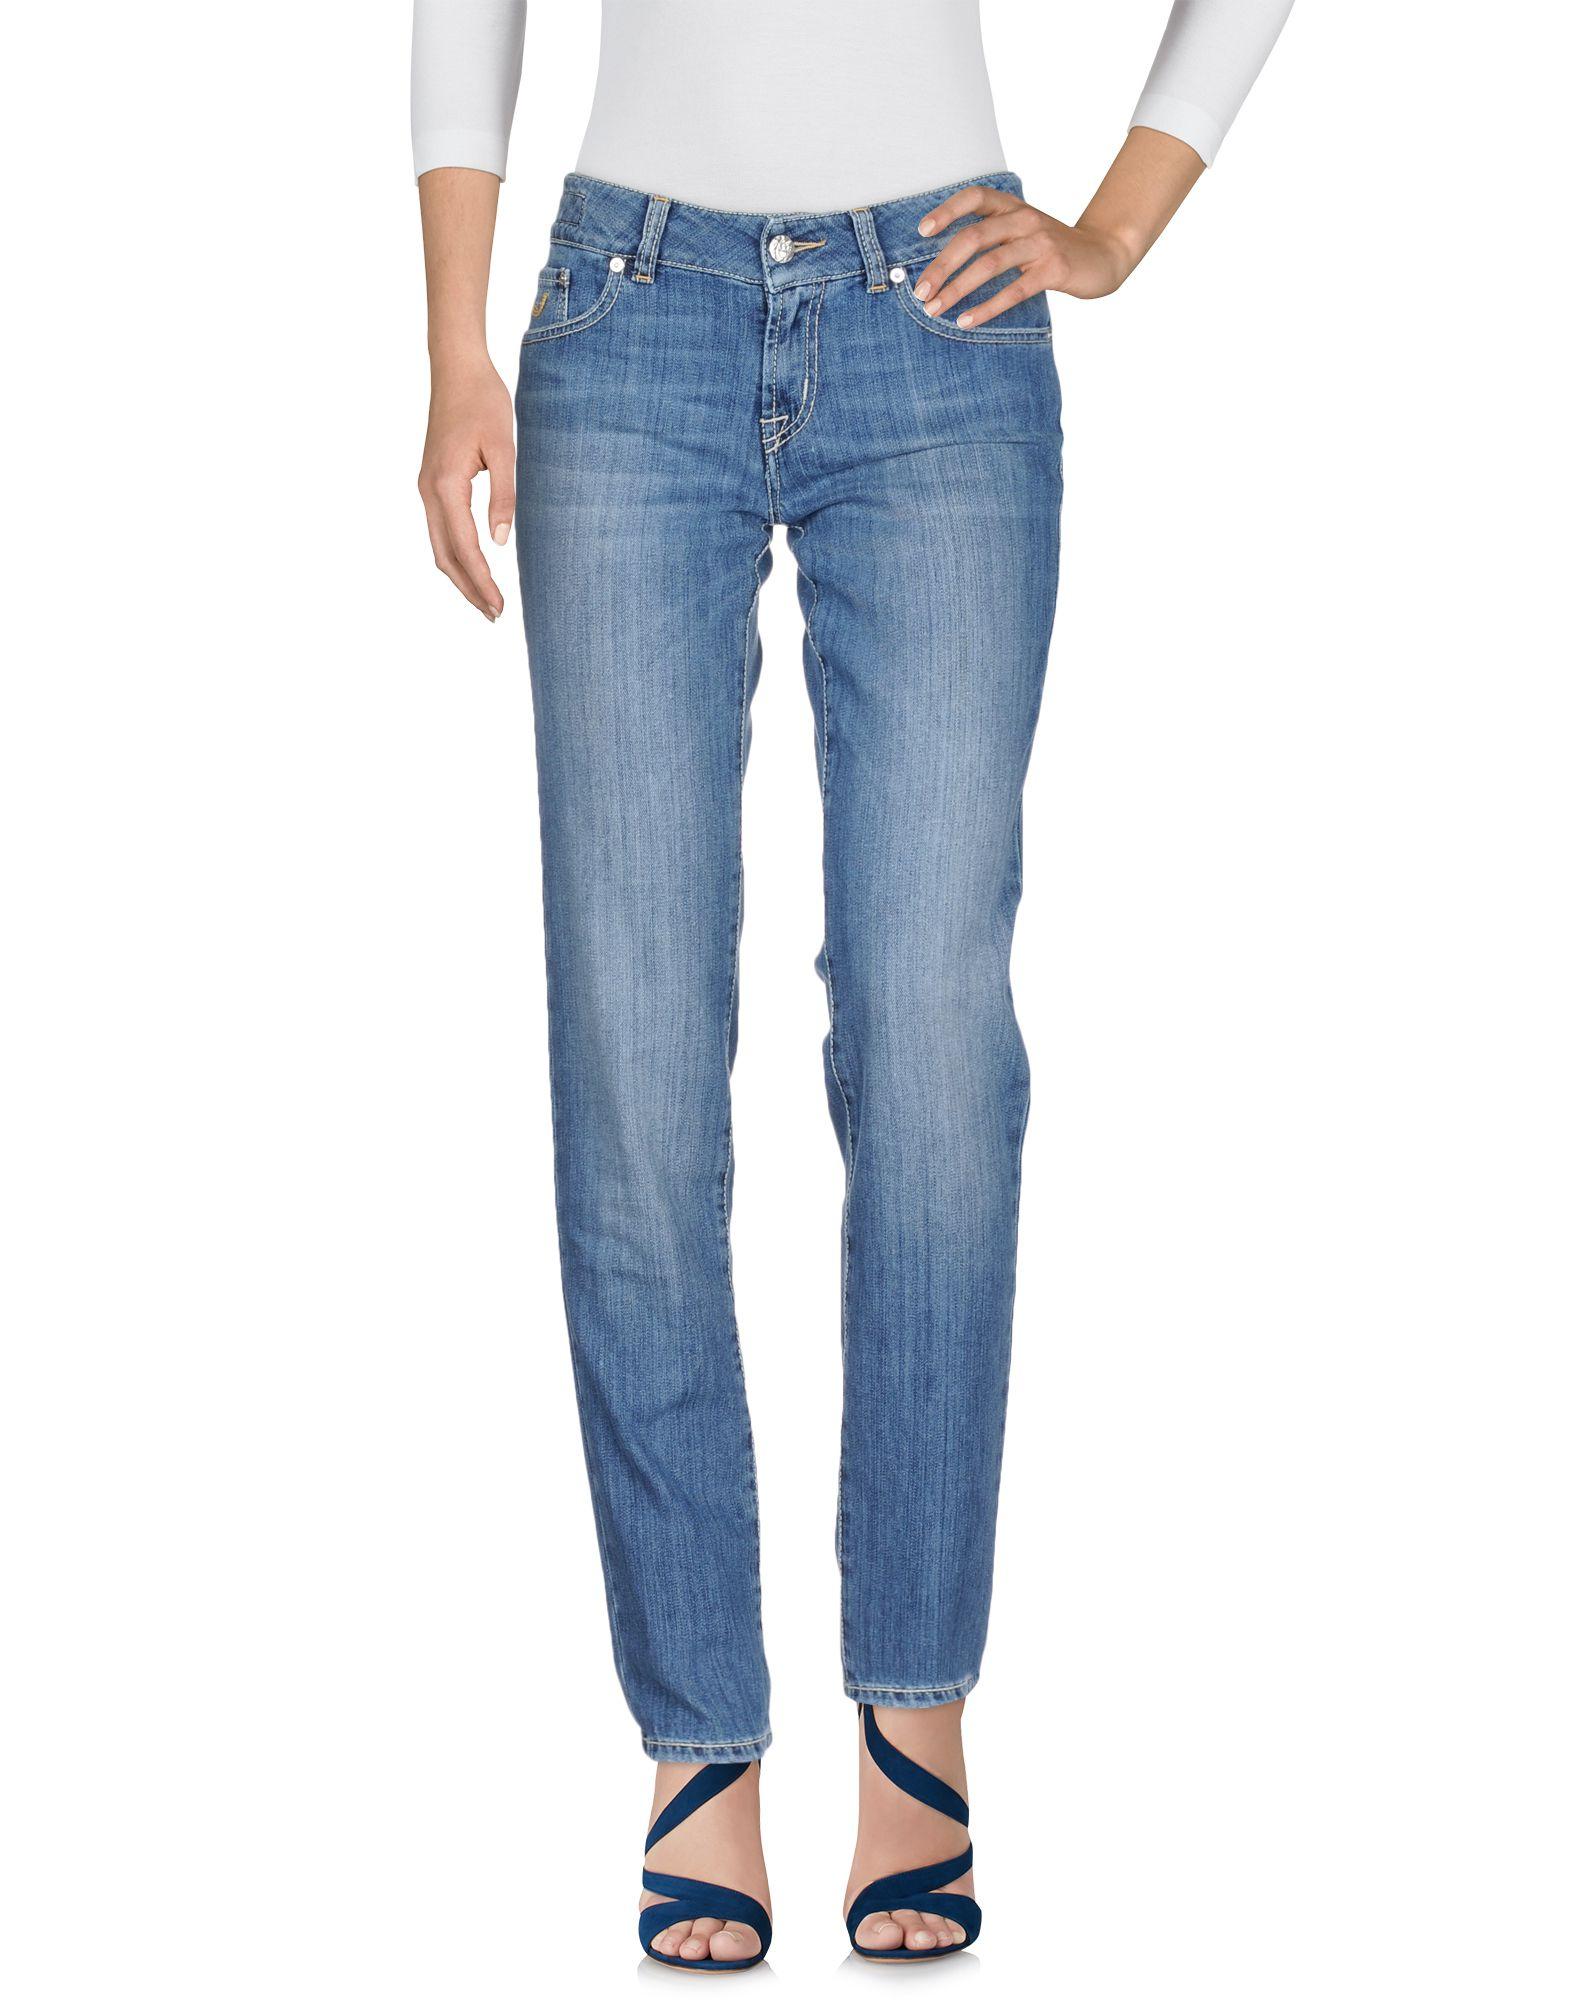 Pantaloni Jeans Jacob Cohёn Donna - Acquista online su 9tRhcX1v